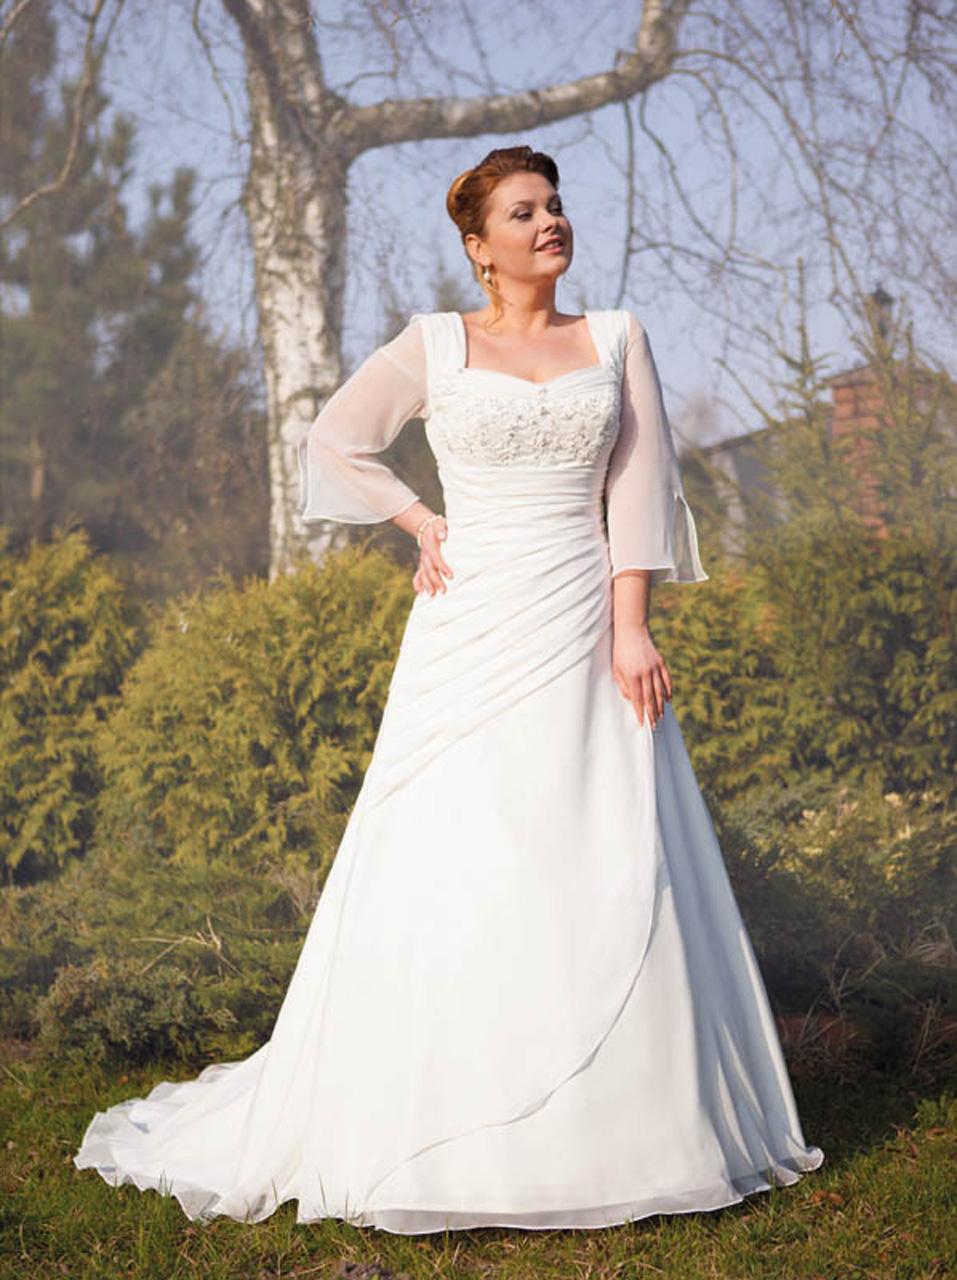 Brautkleid in Dresden, Chemnitz und Leipzig